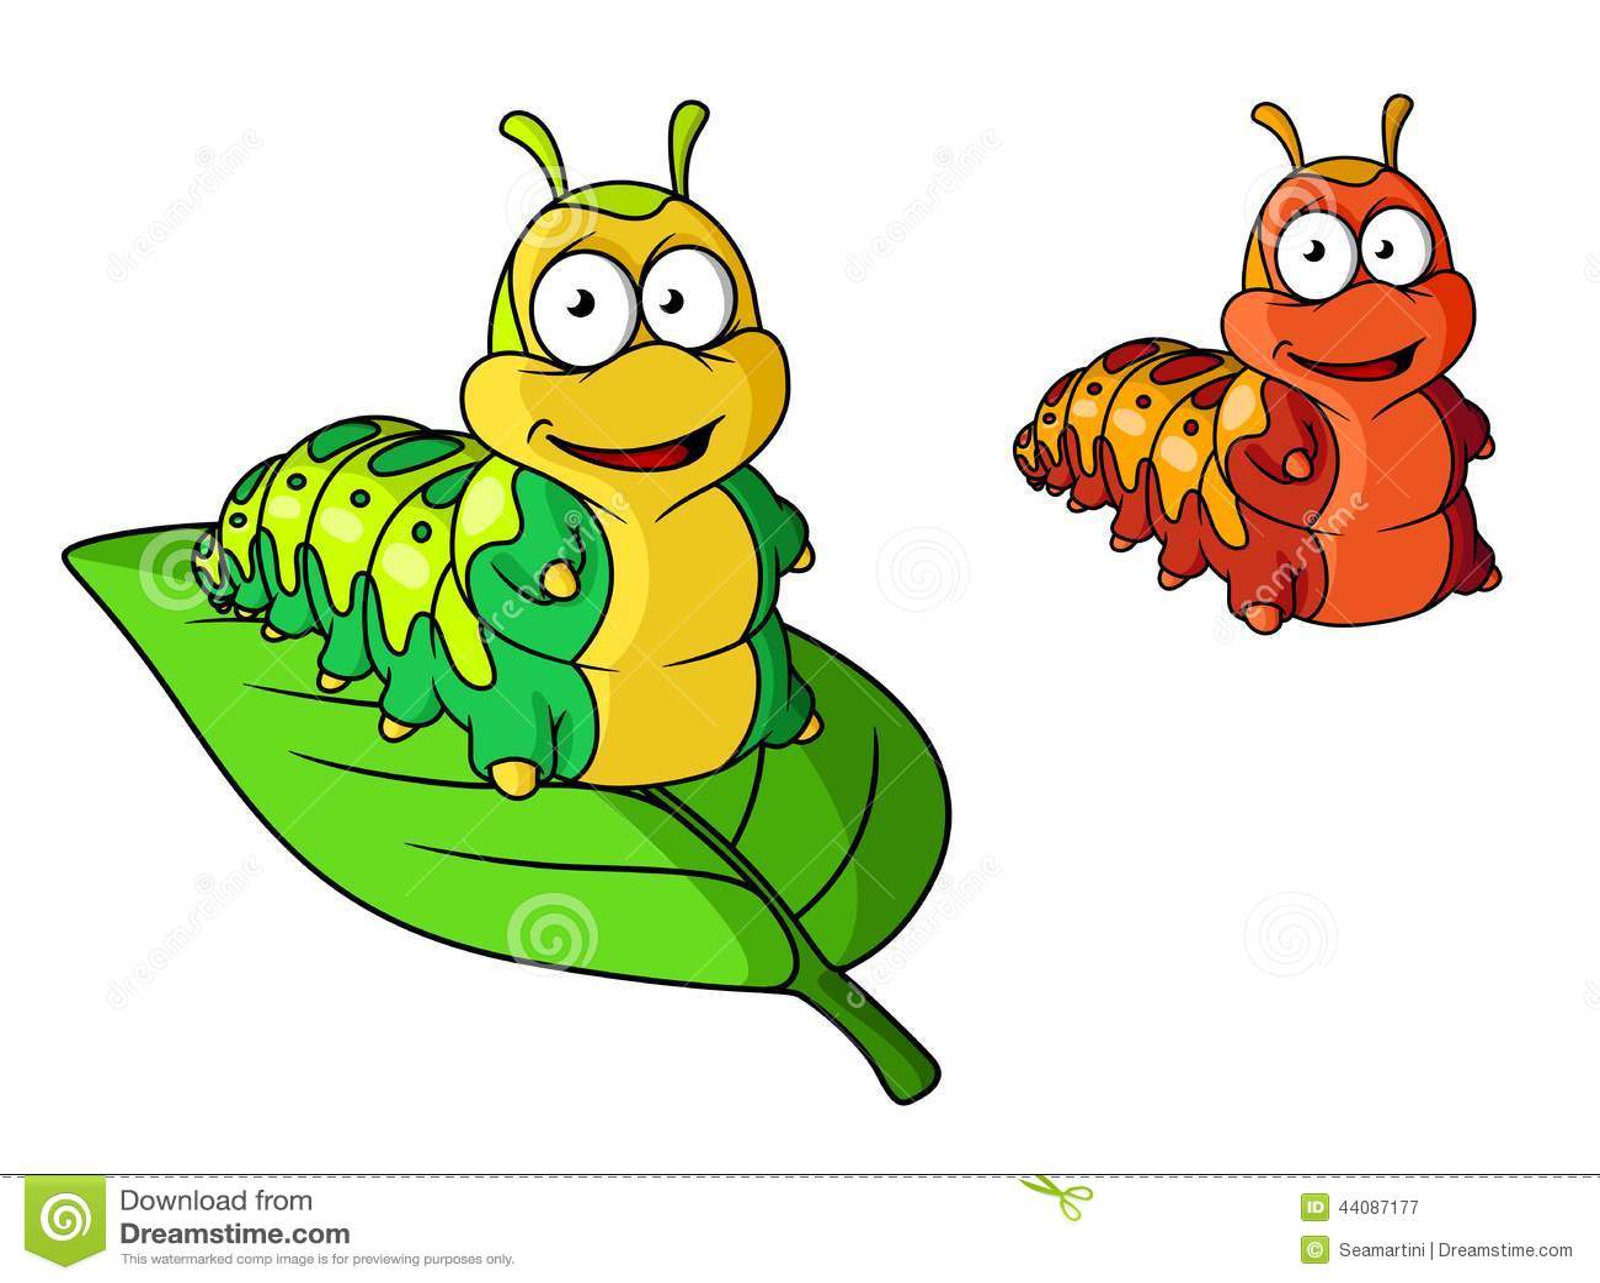 Cartoon Cute Caterpillar Character Stock Vector Image